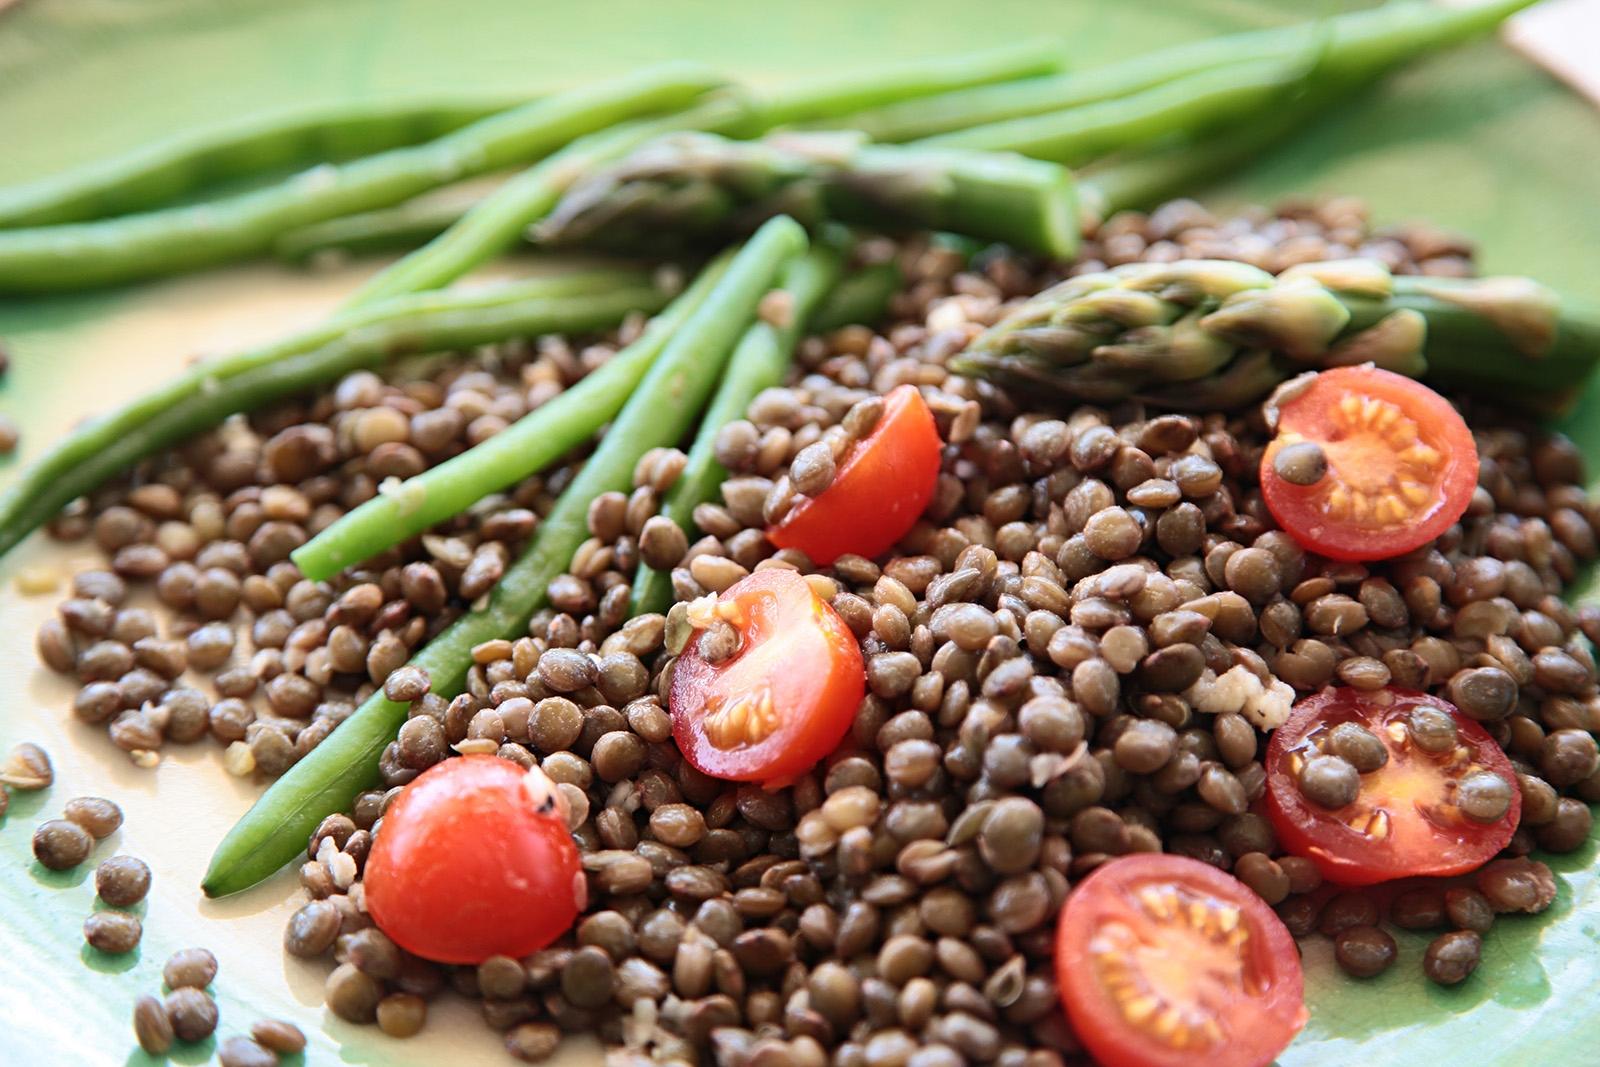 Česnekový dresink, fazolky, chřest a rajčata ideální doplnění čočky